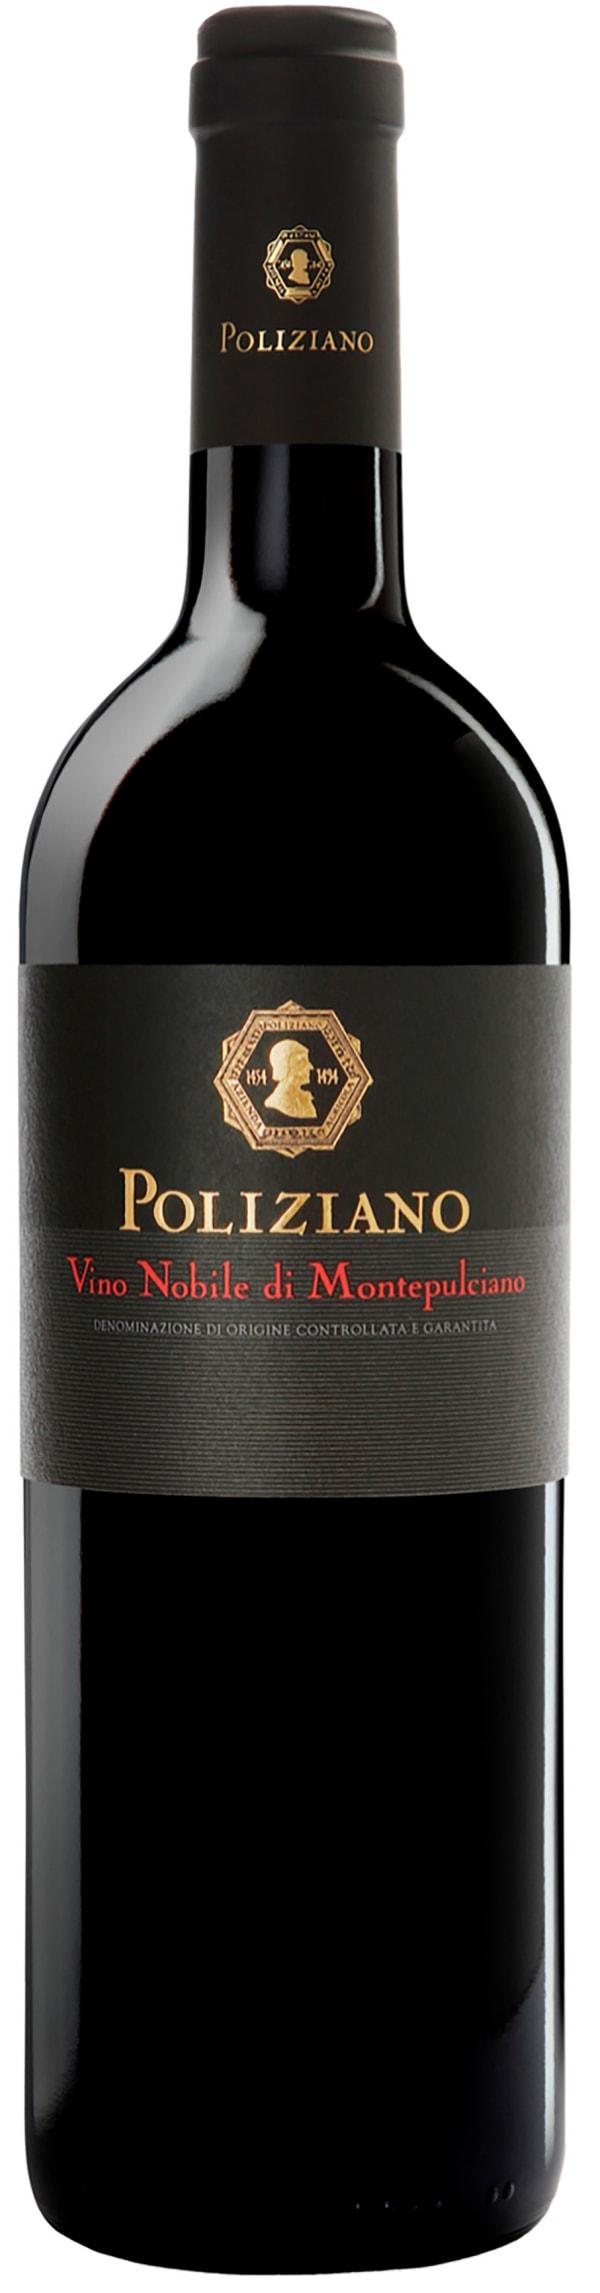 Poliziano Vino Nobile di Montepulciano 2014